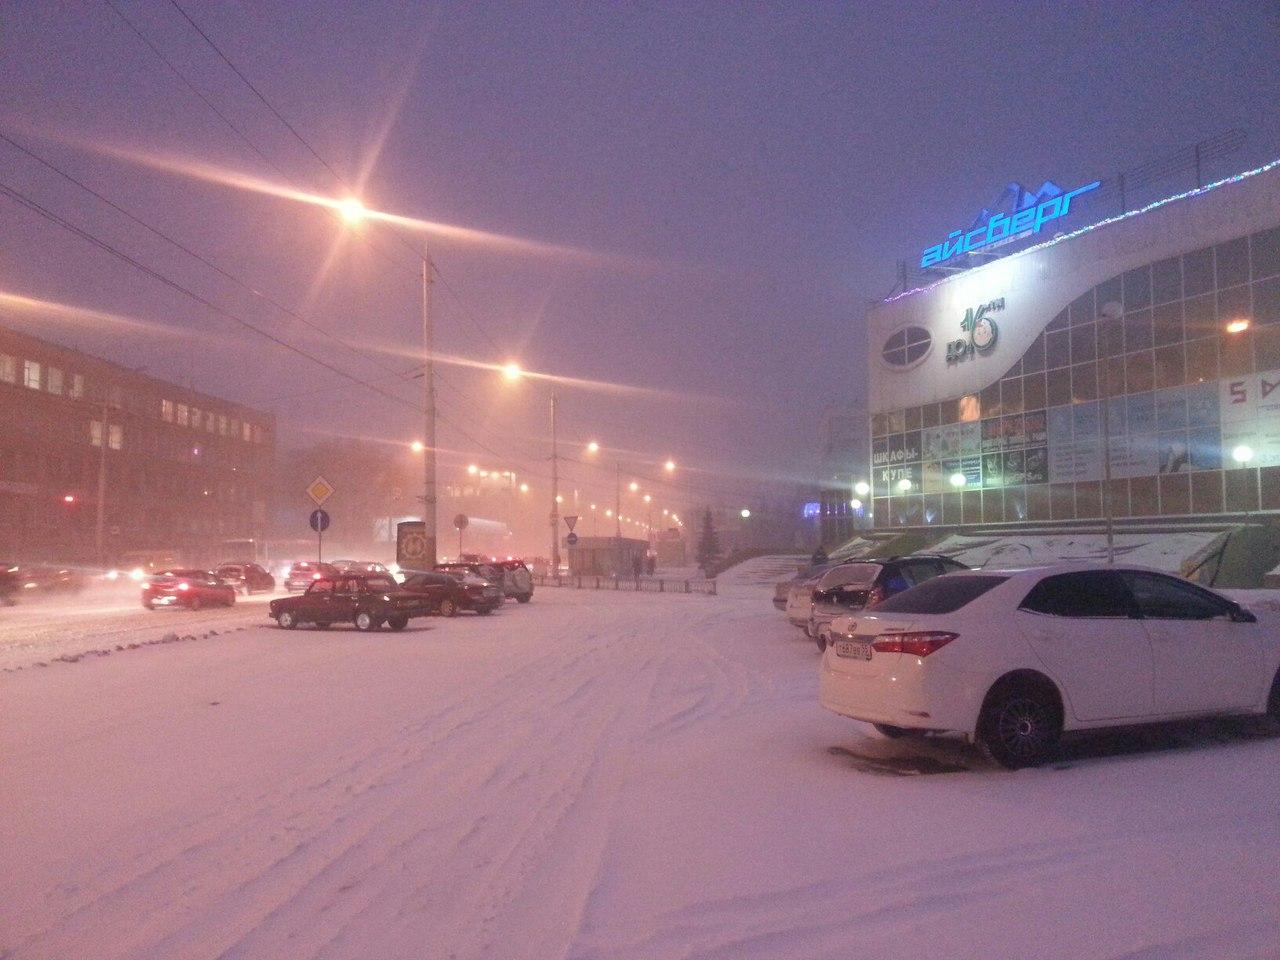 Март в Омской области оказался аномально теплым #Омск #Общество #Сегодня